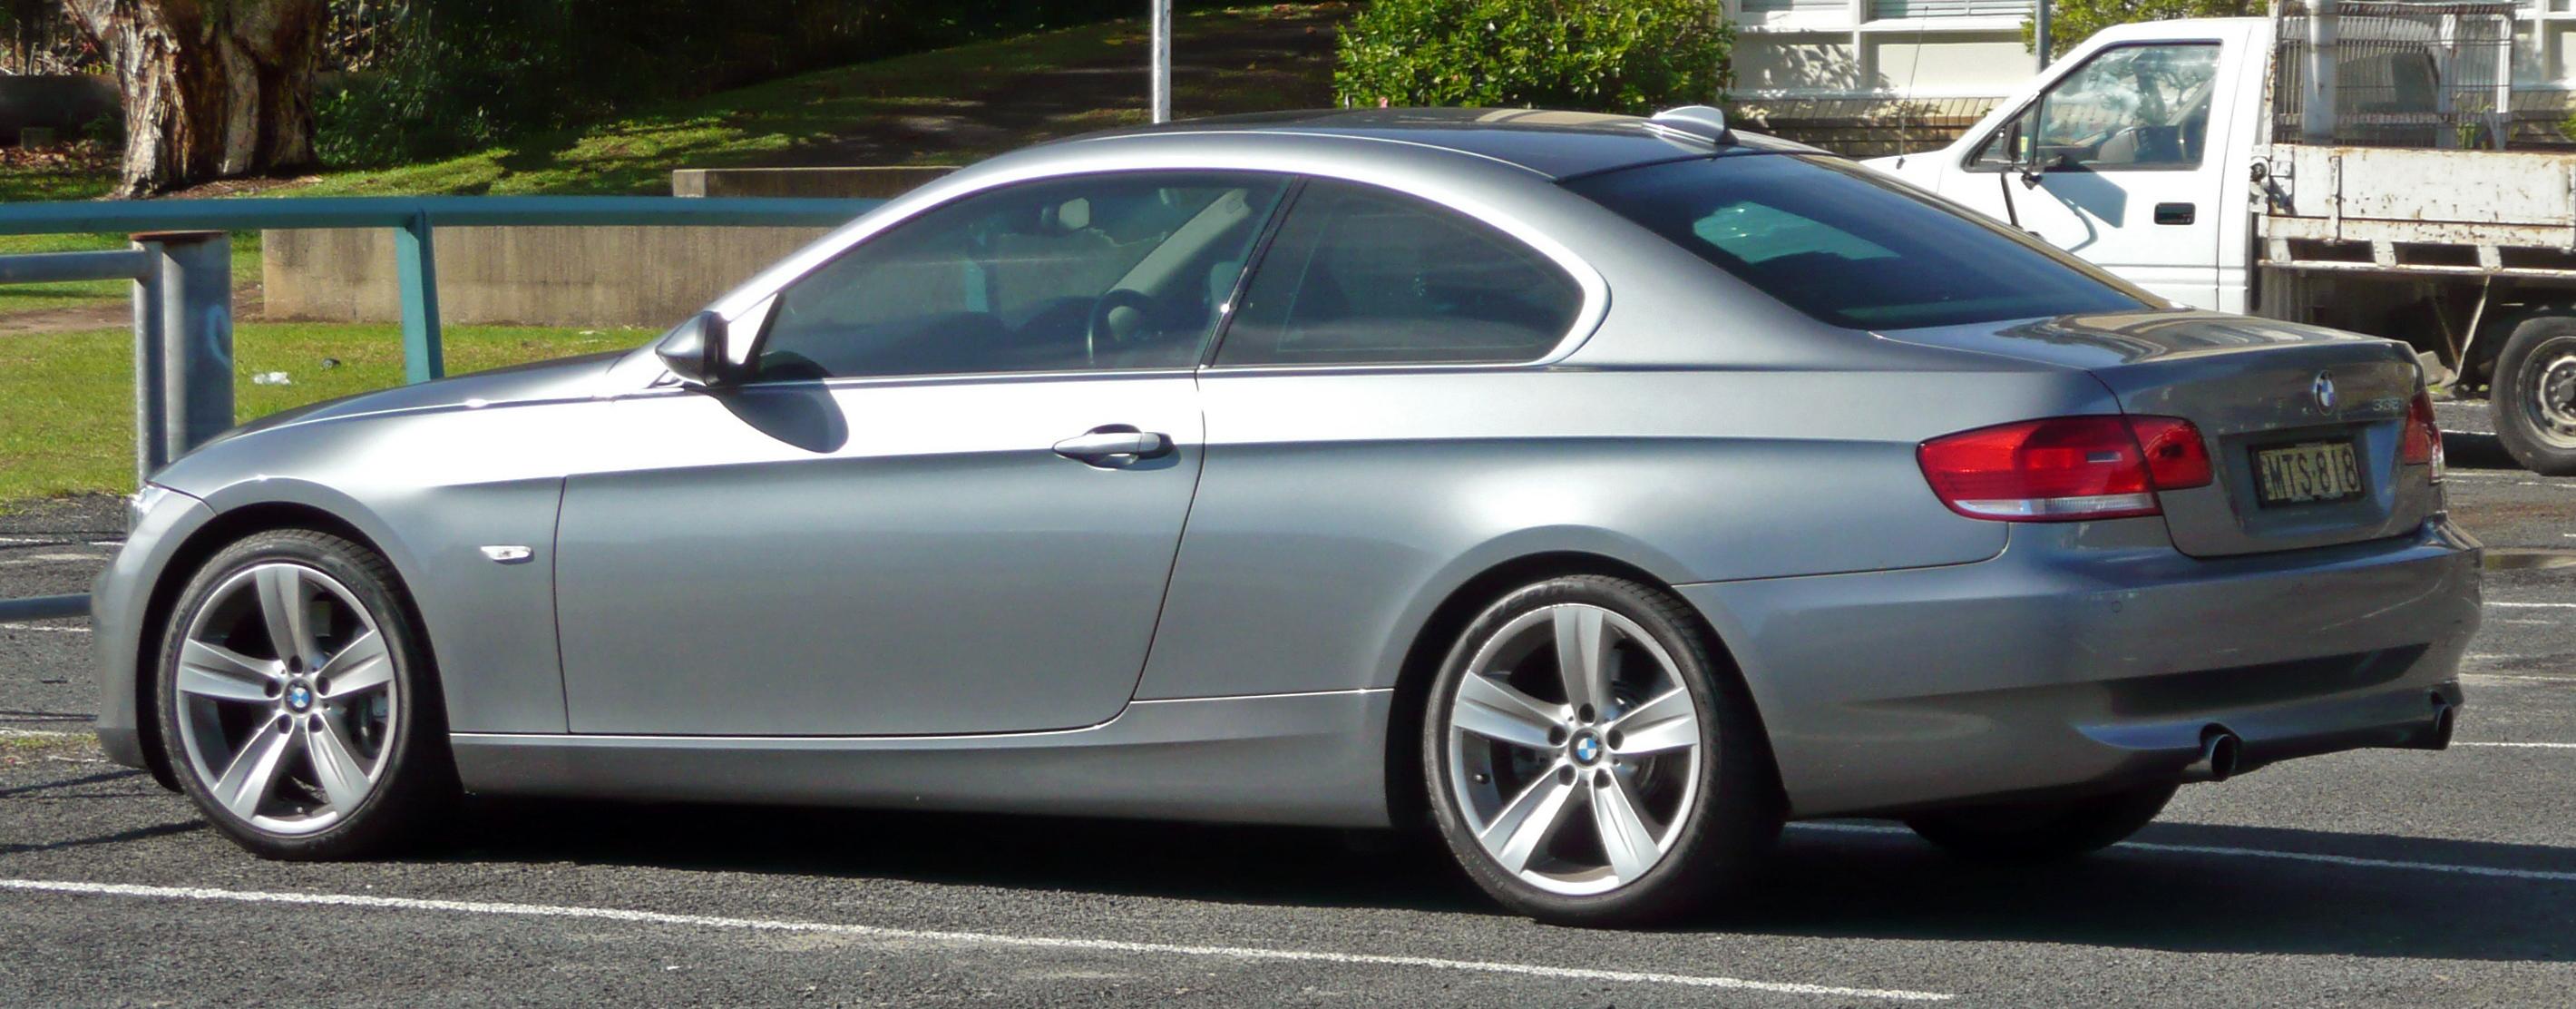 File BMW I E Coupe Jpg Wikimedia Commons - 2006 bmw 335i